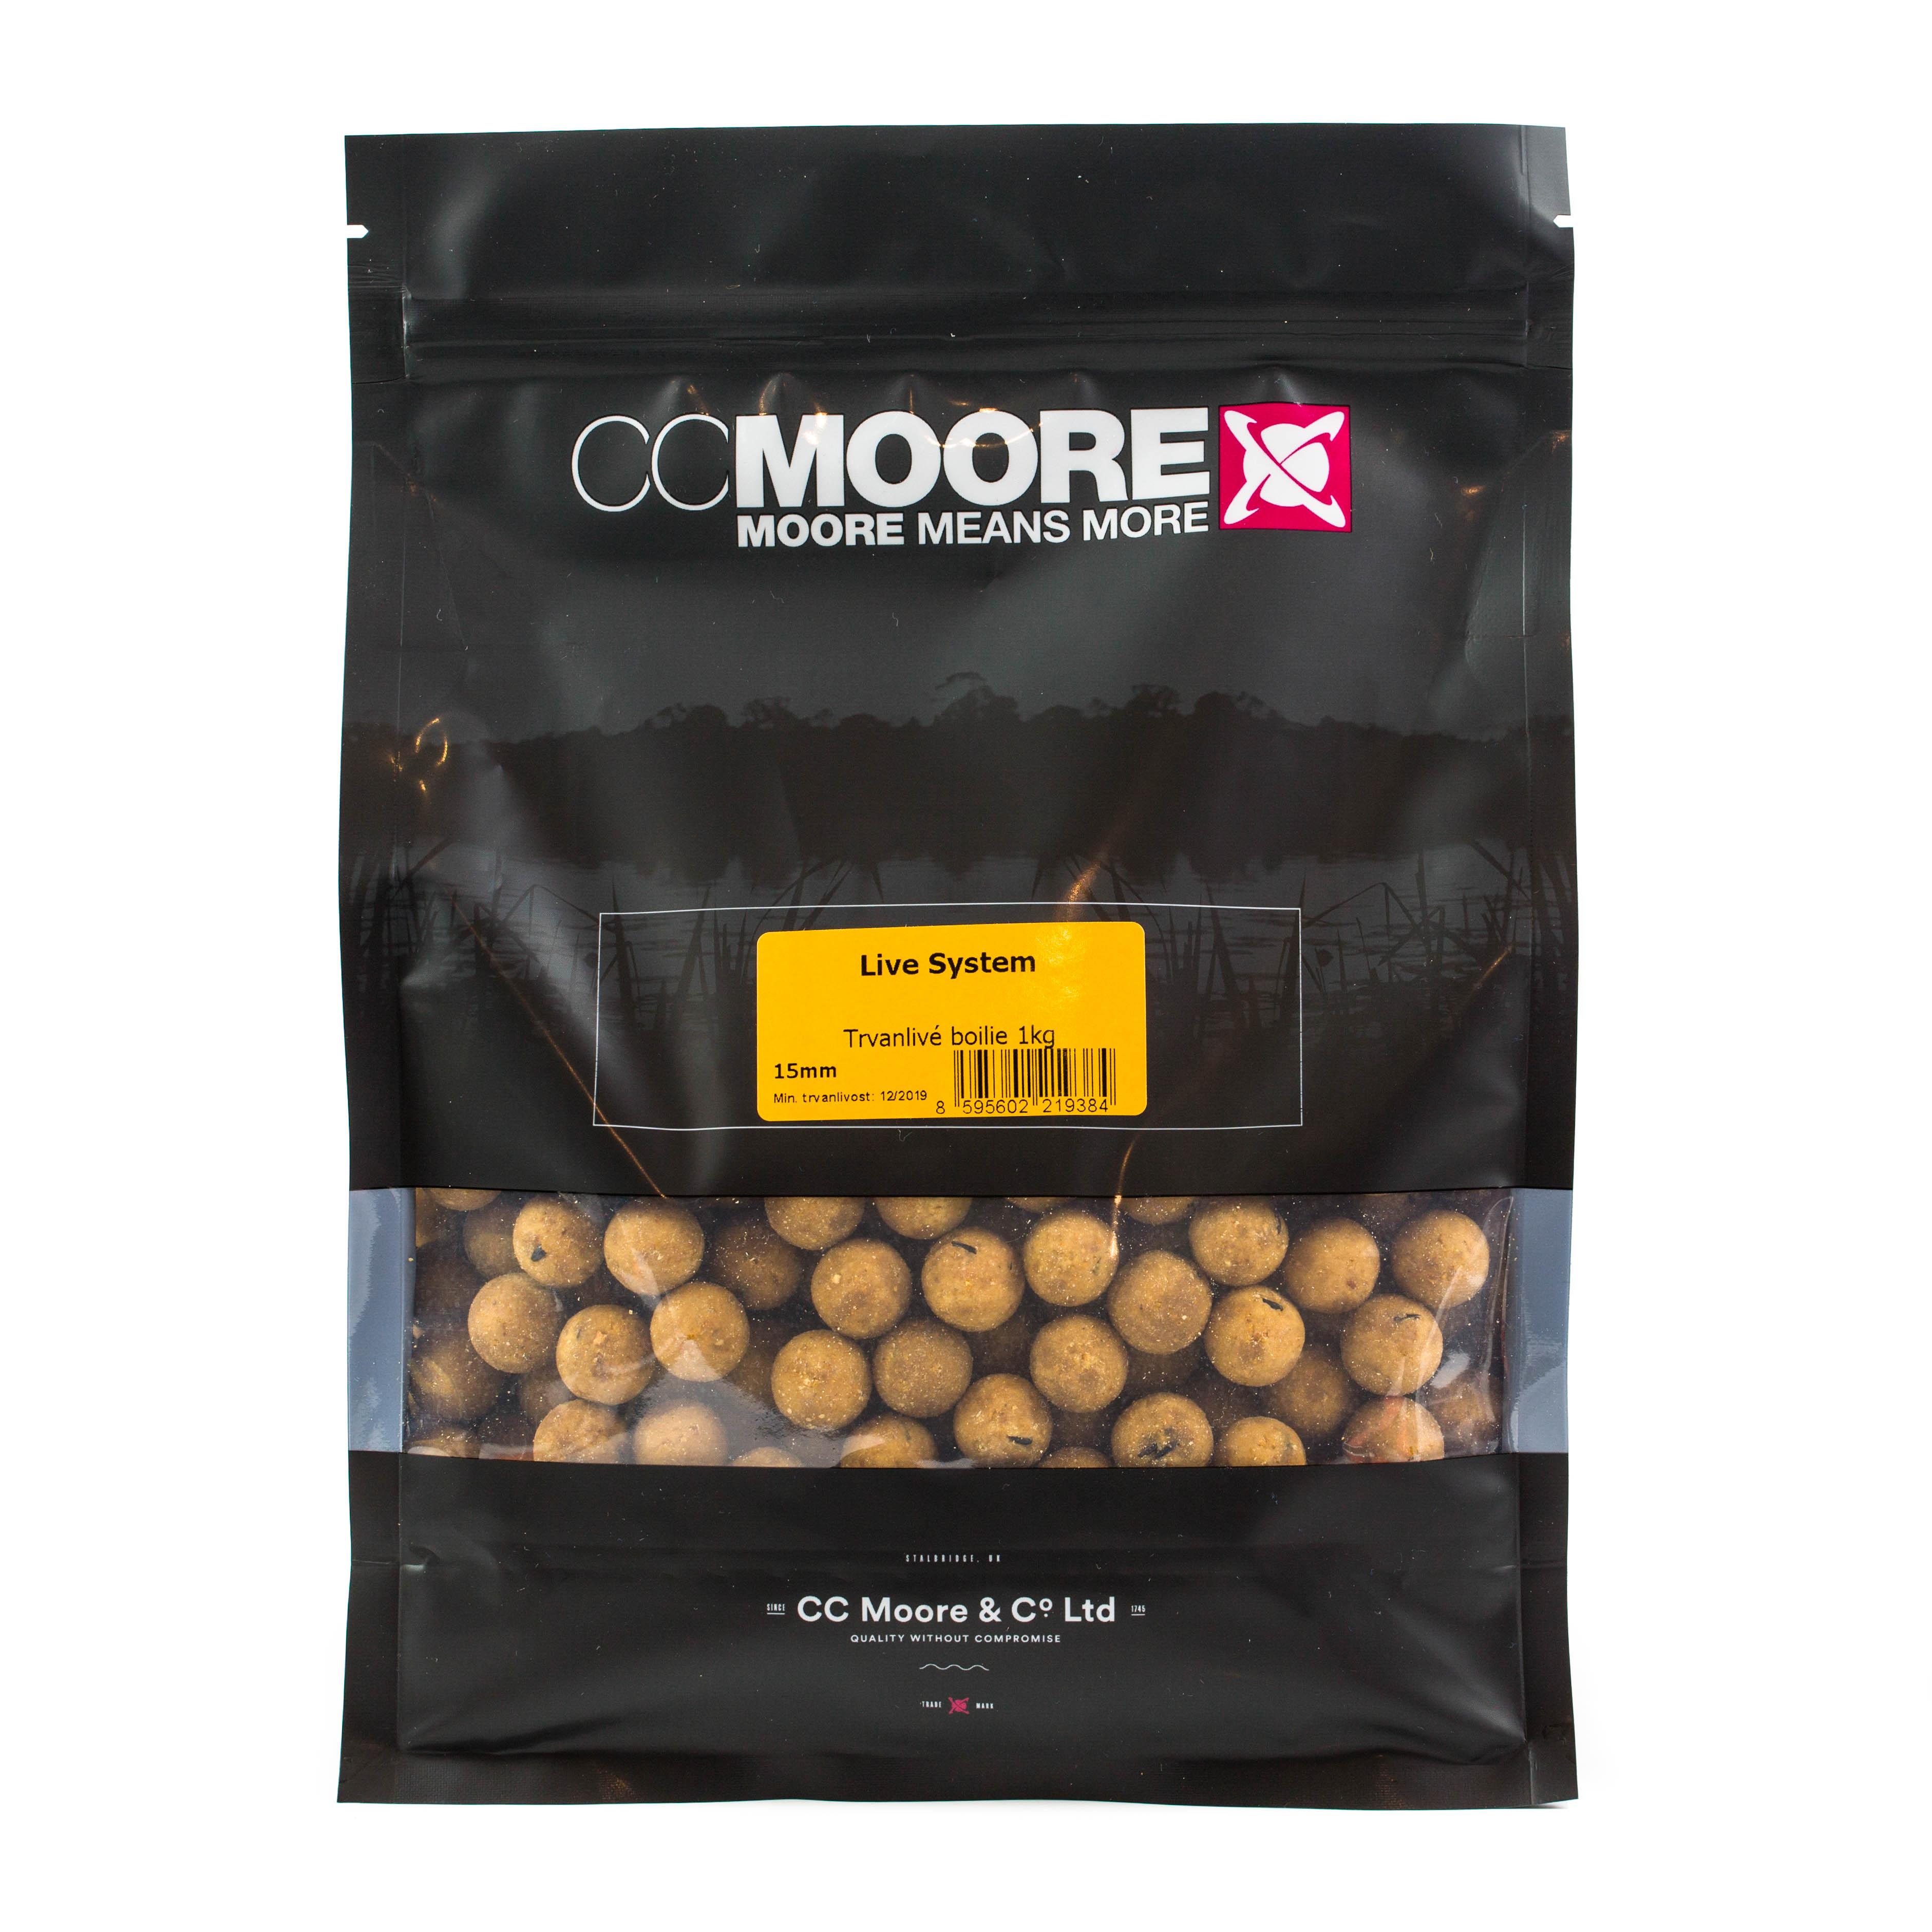 CC Moore Live system - Trvanlivé boilie 18mm 5kg